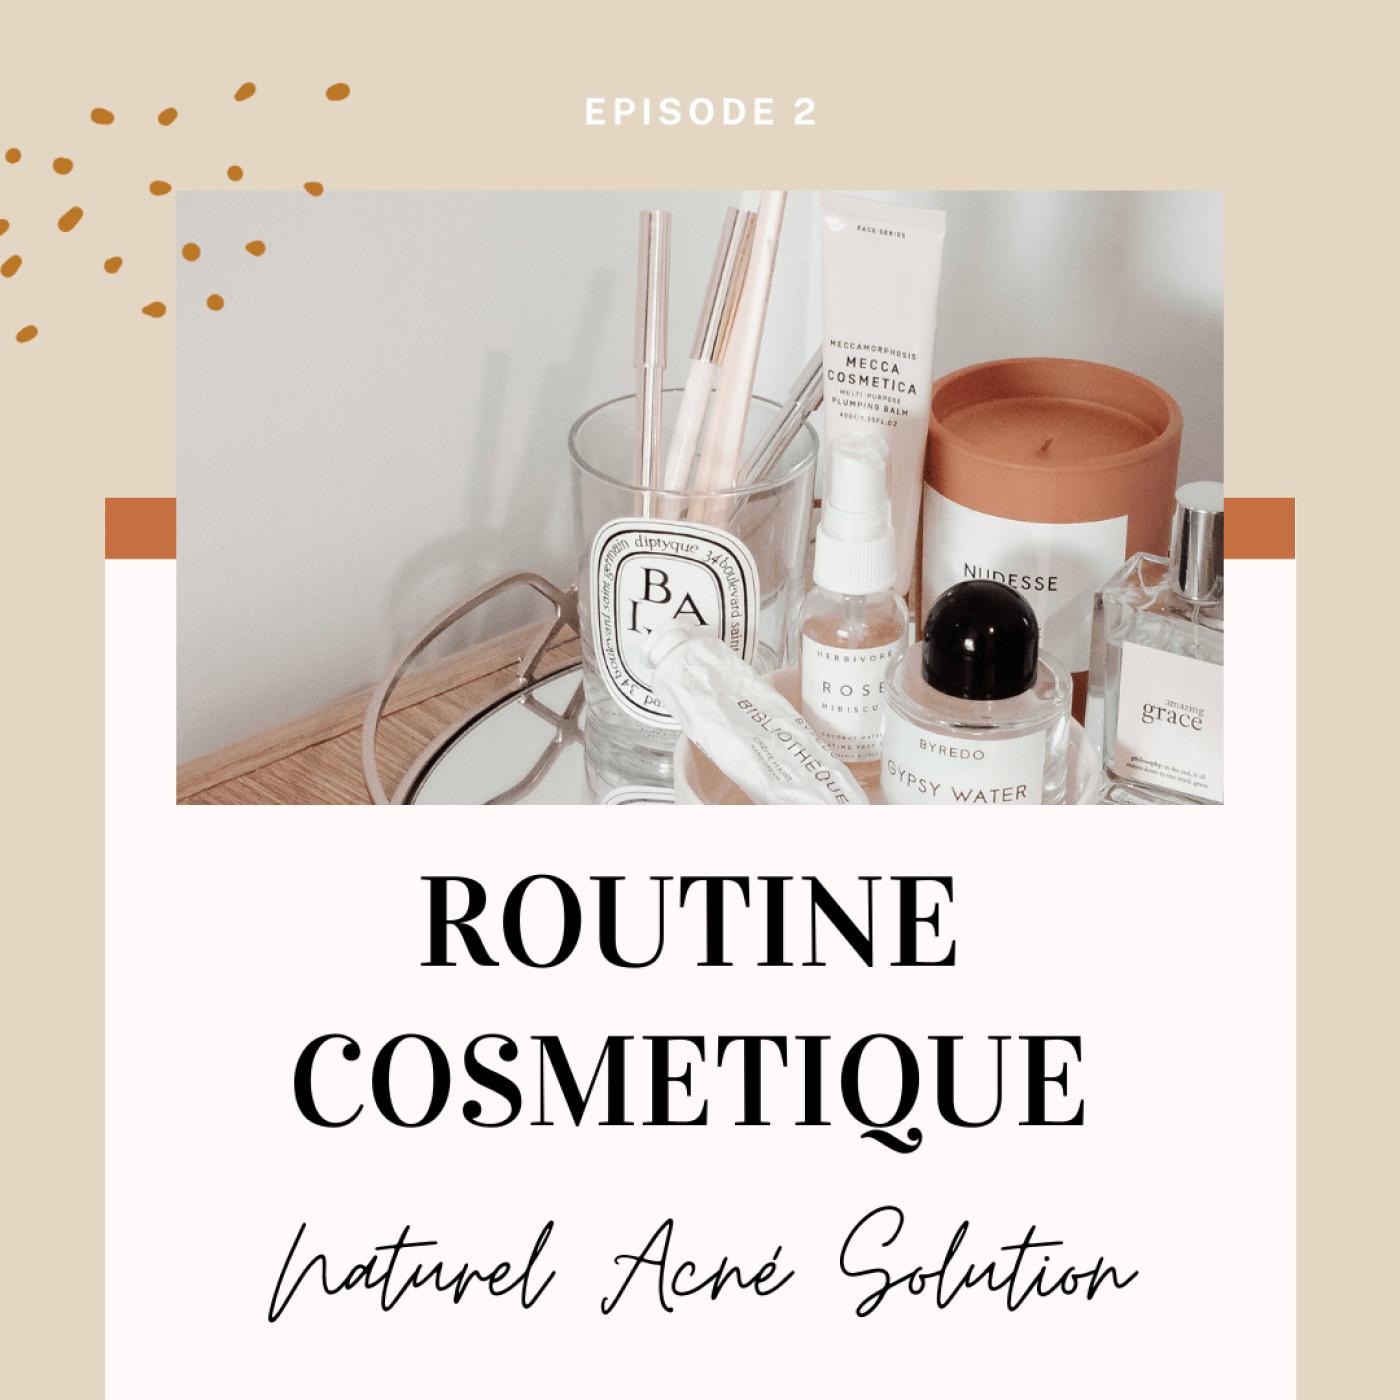 Naturel acné solution - routine cosmétique